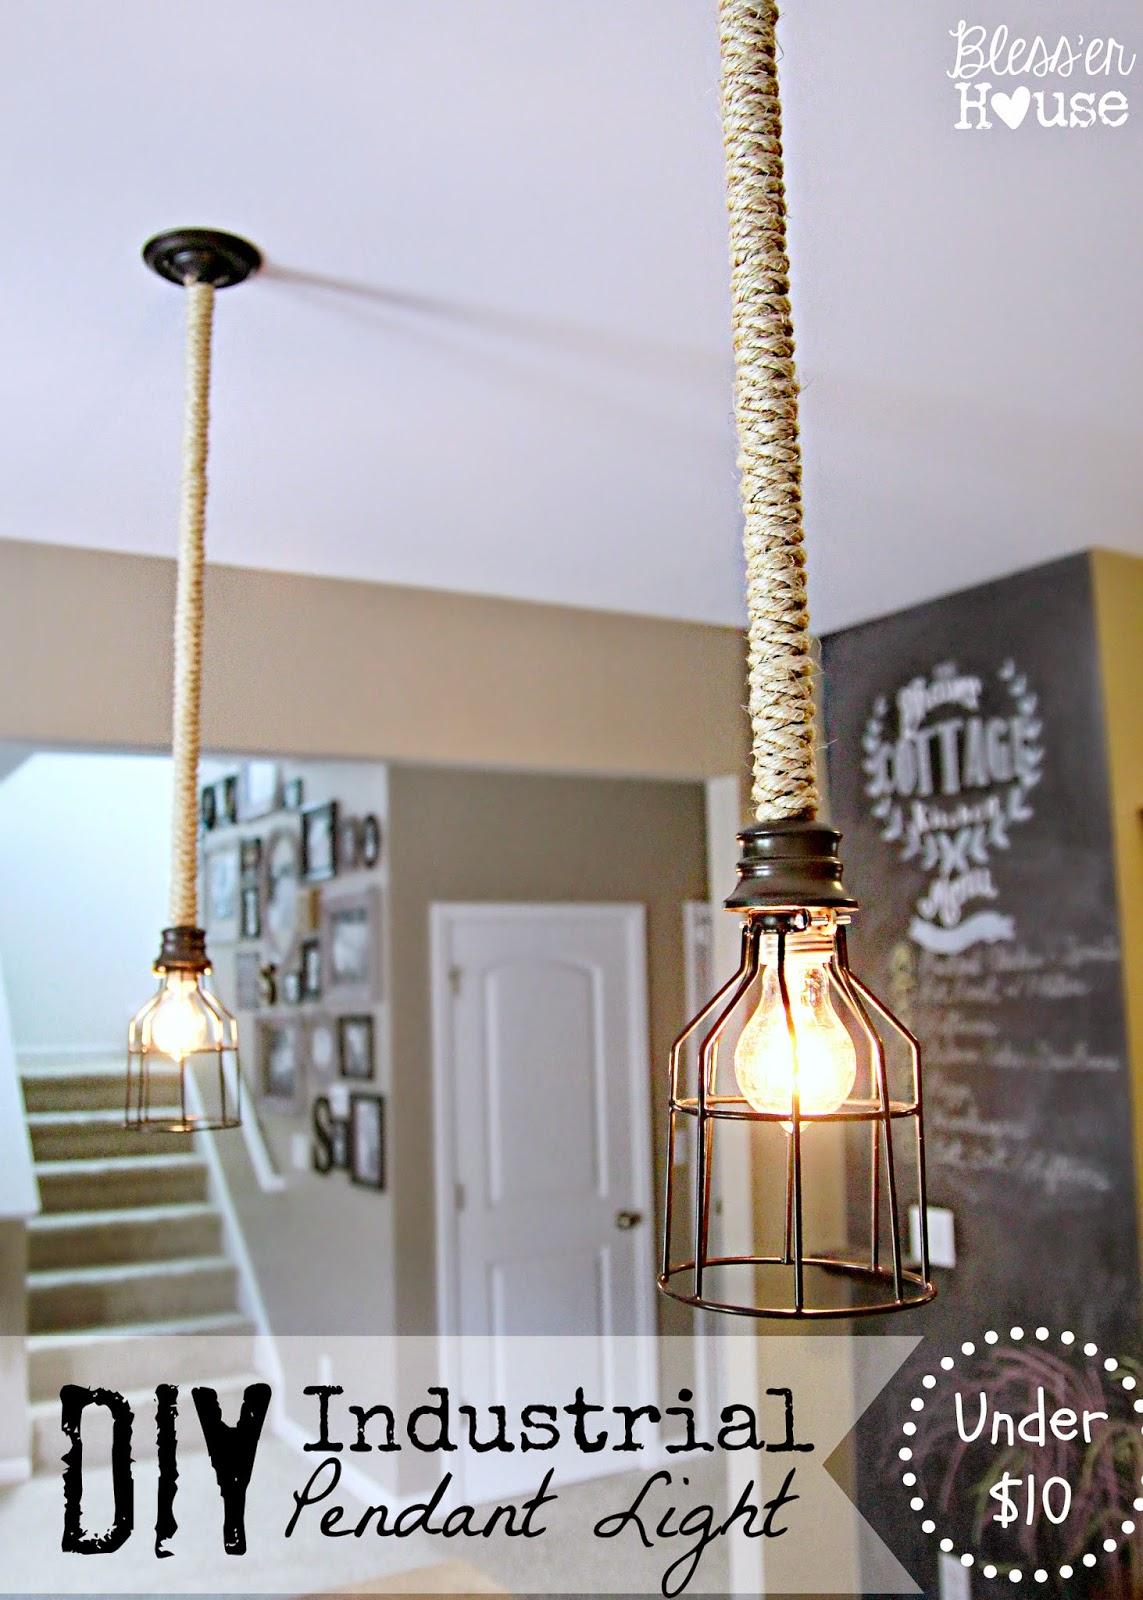 5 diy industrial light fixtures for industrial kitchen light fixtures Bless er House 5 DIY Industrial Light Fixtures for Under 25